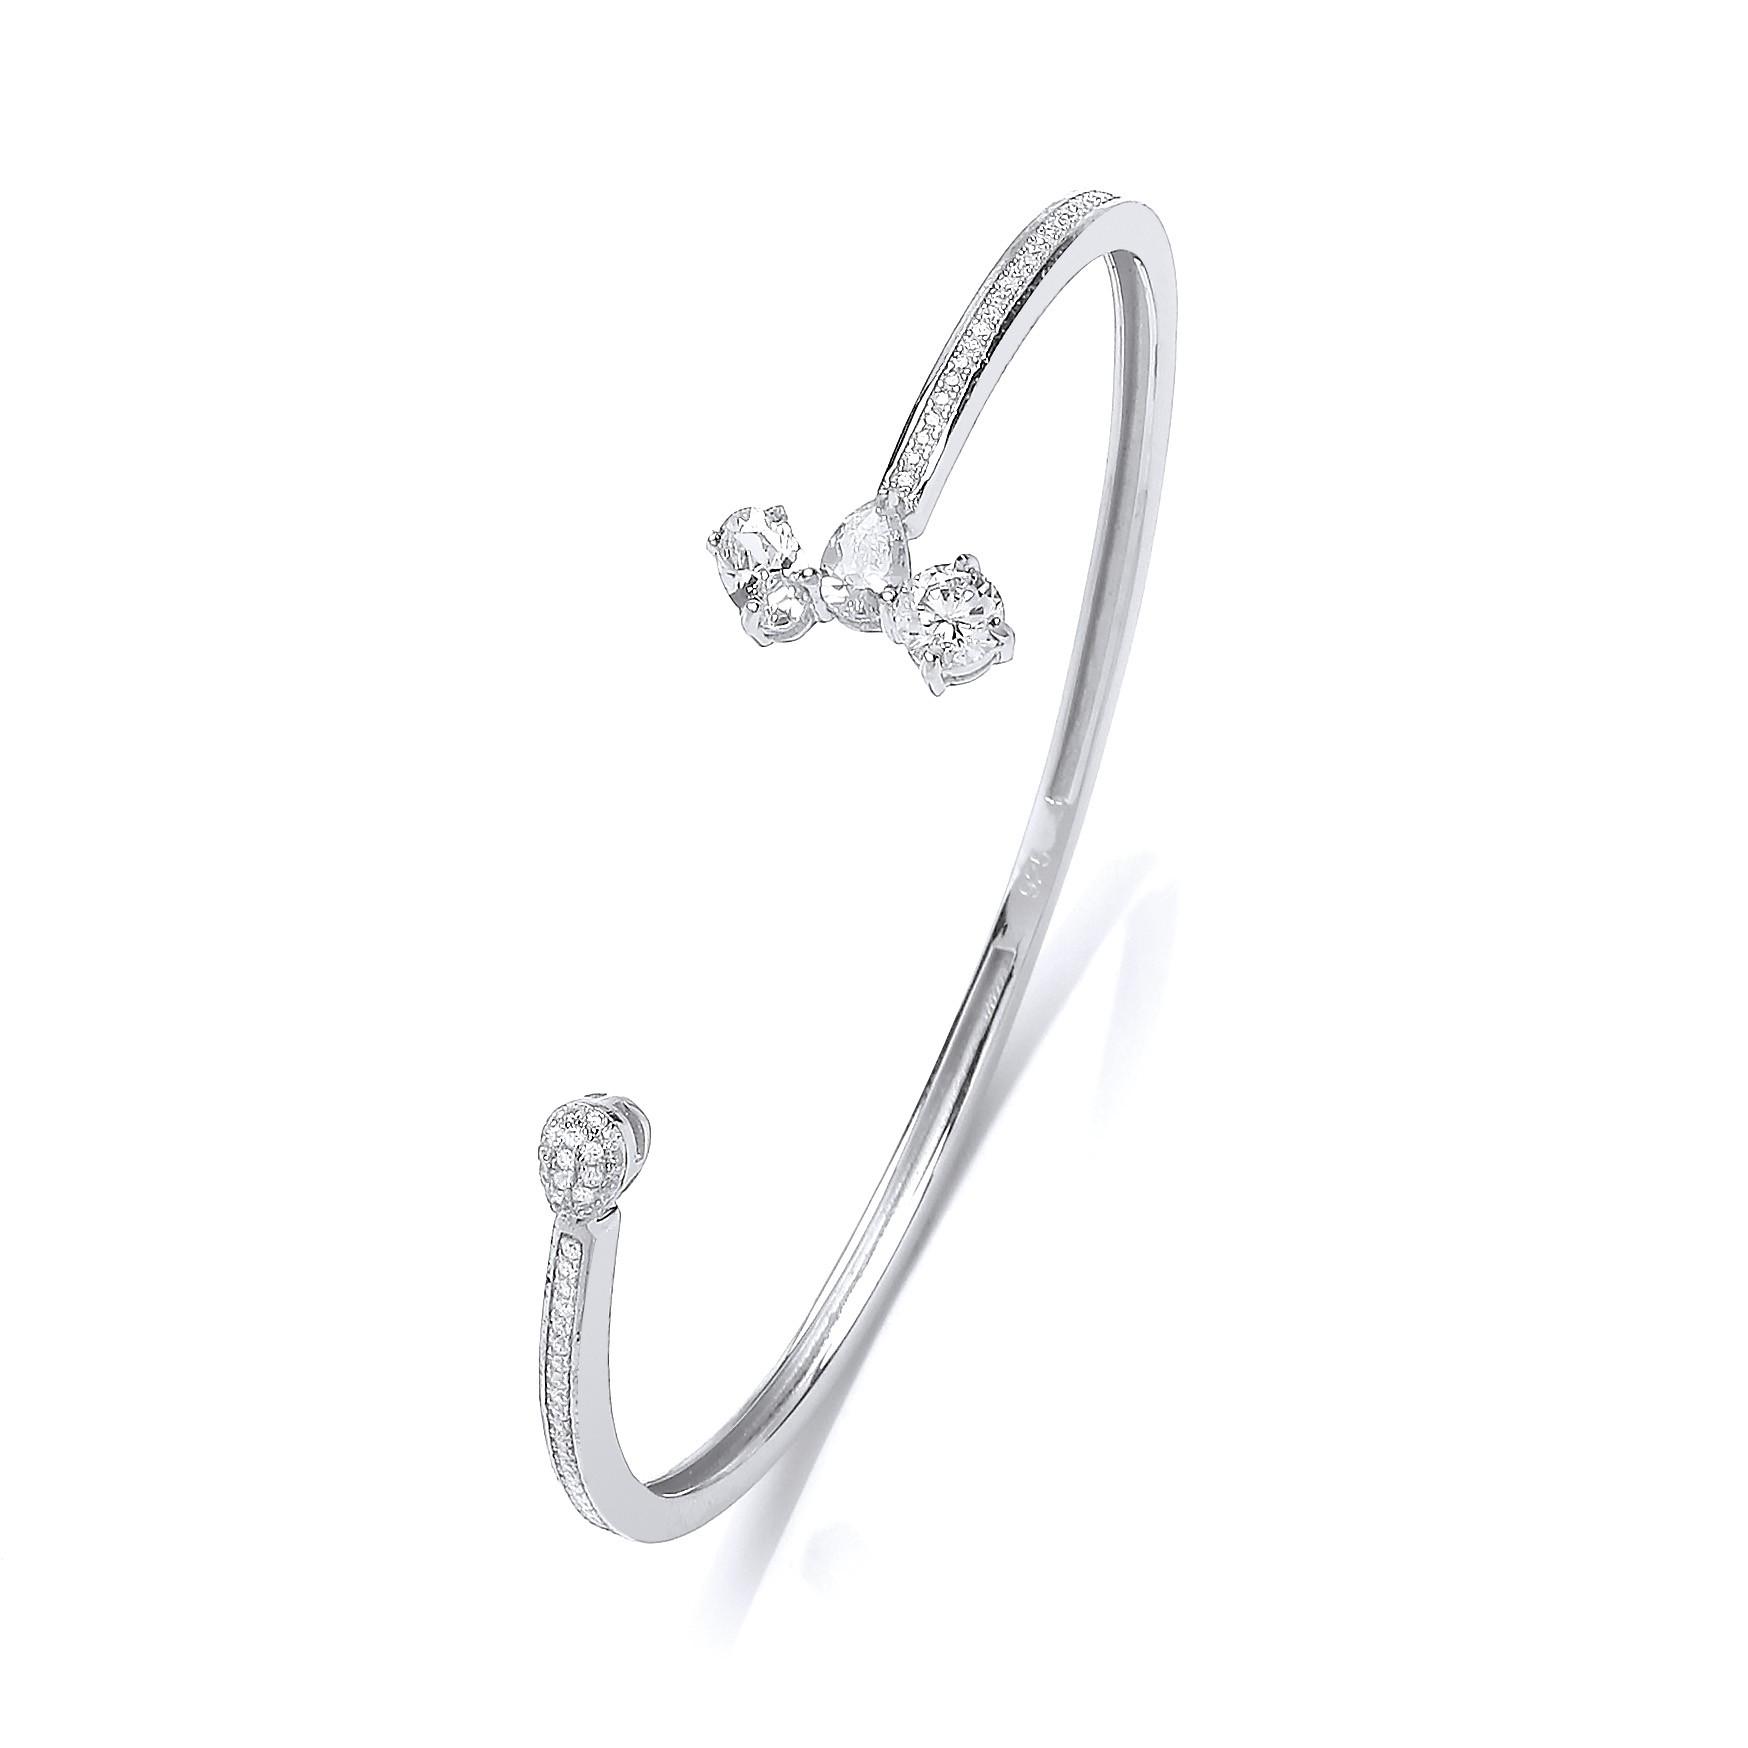 Rhodium And Silver Crystal Bangle